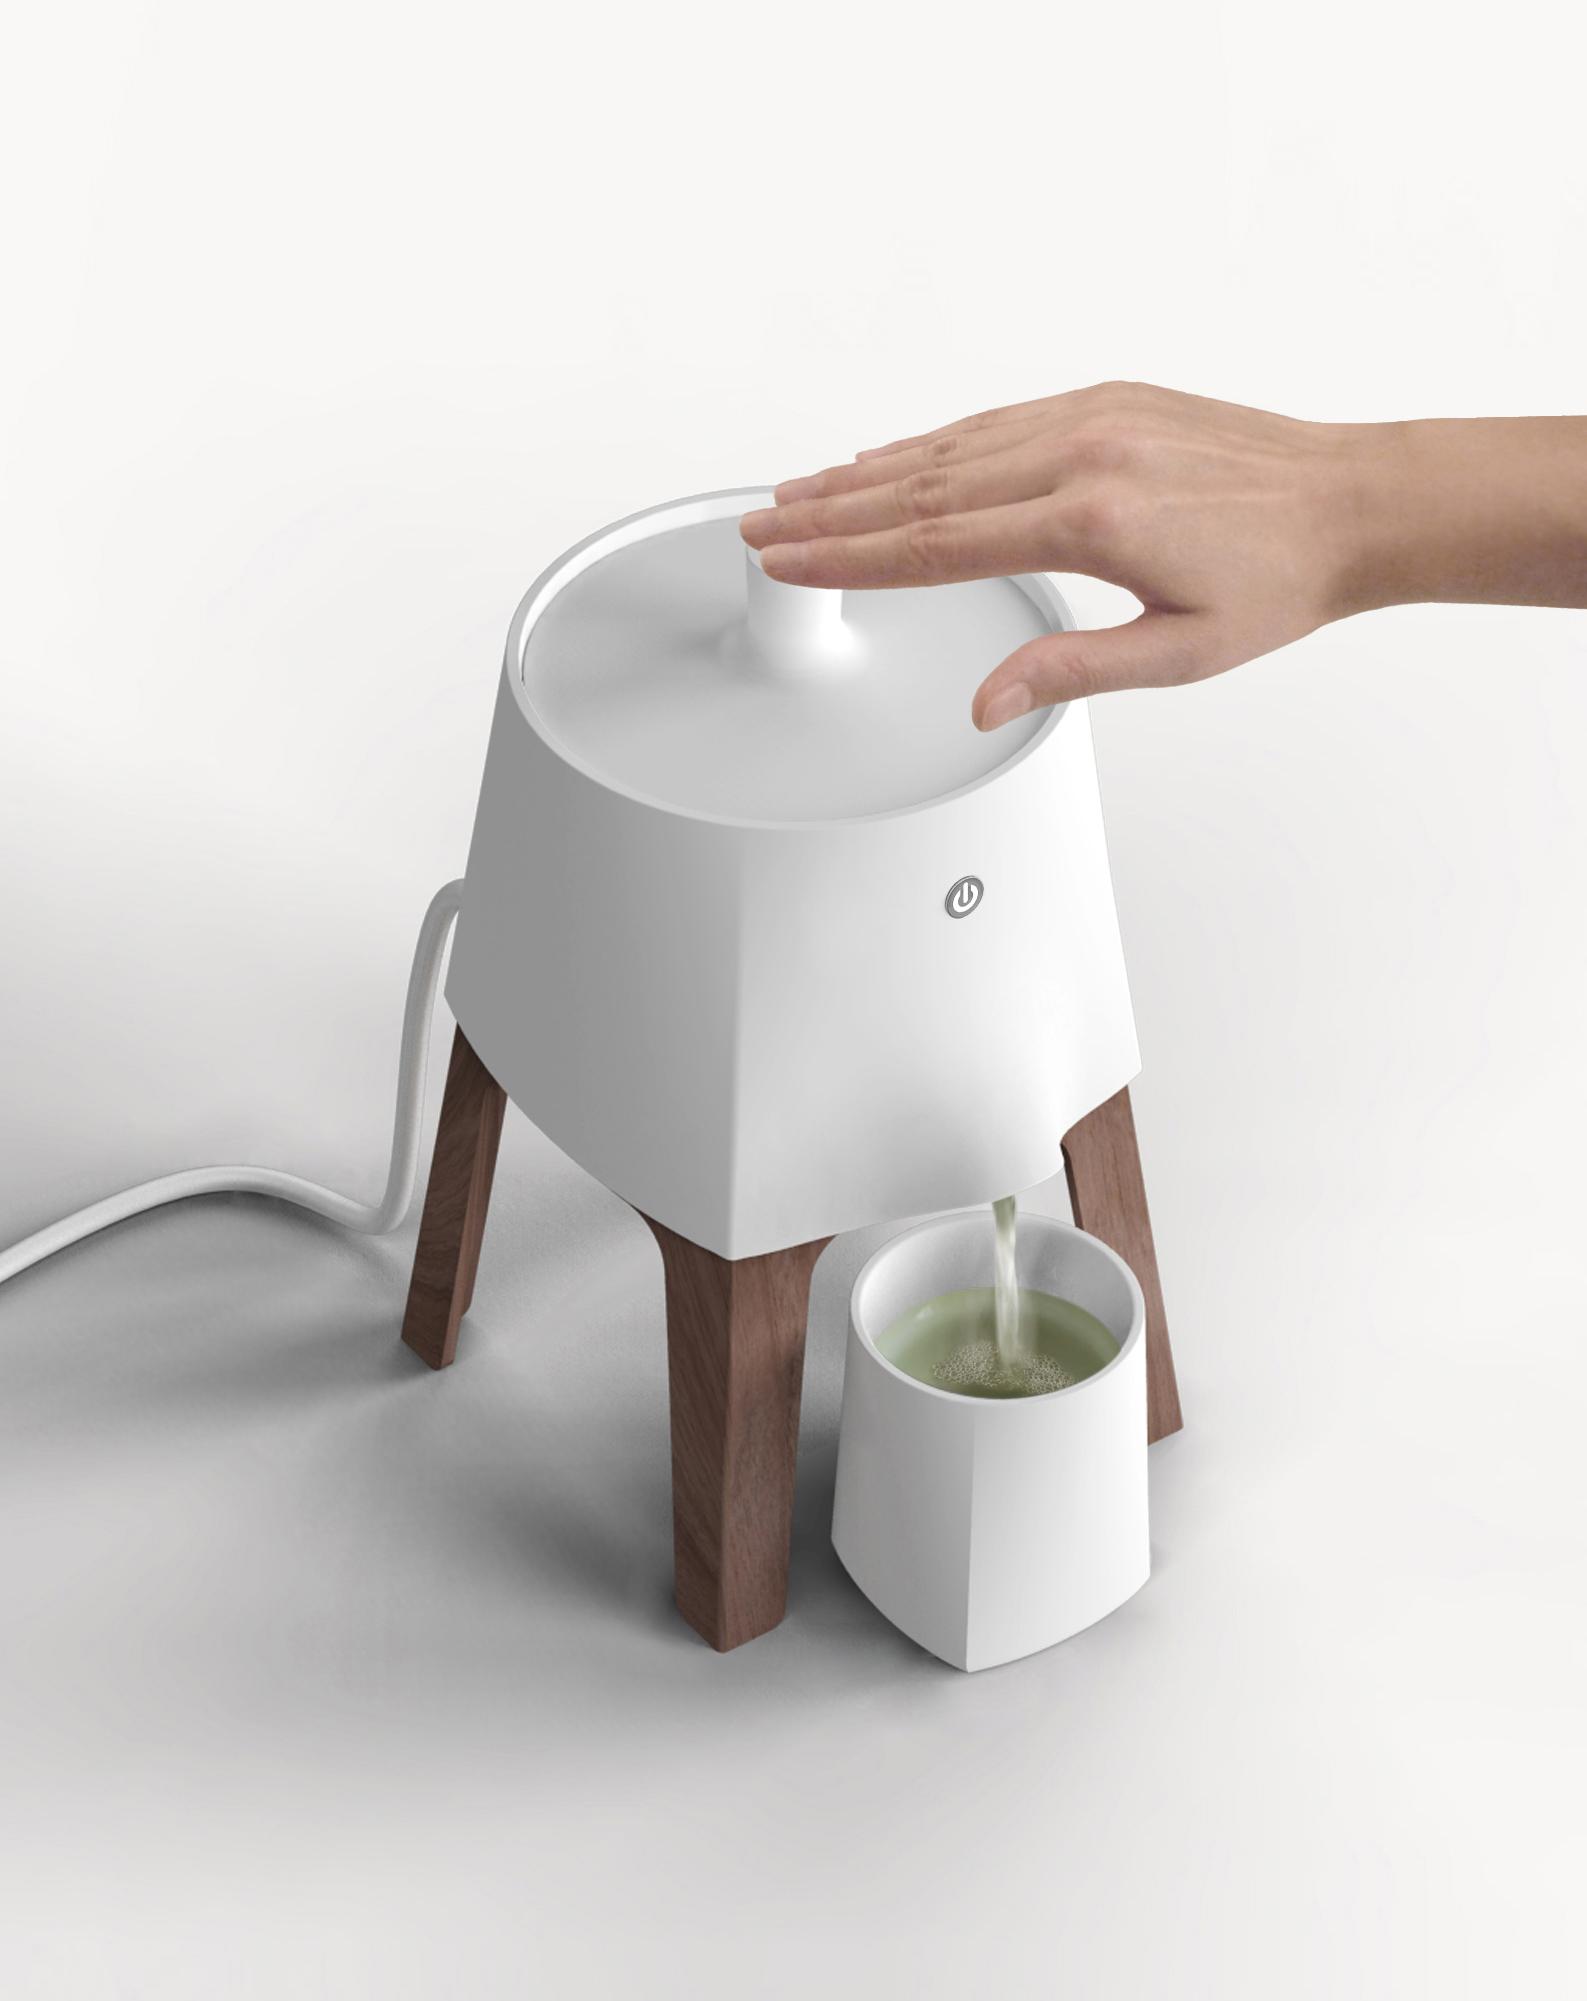 Théa - Teemaschinenkonzept von Stephanie Lang